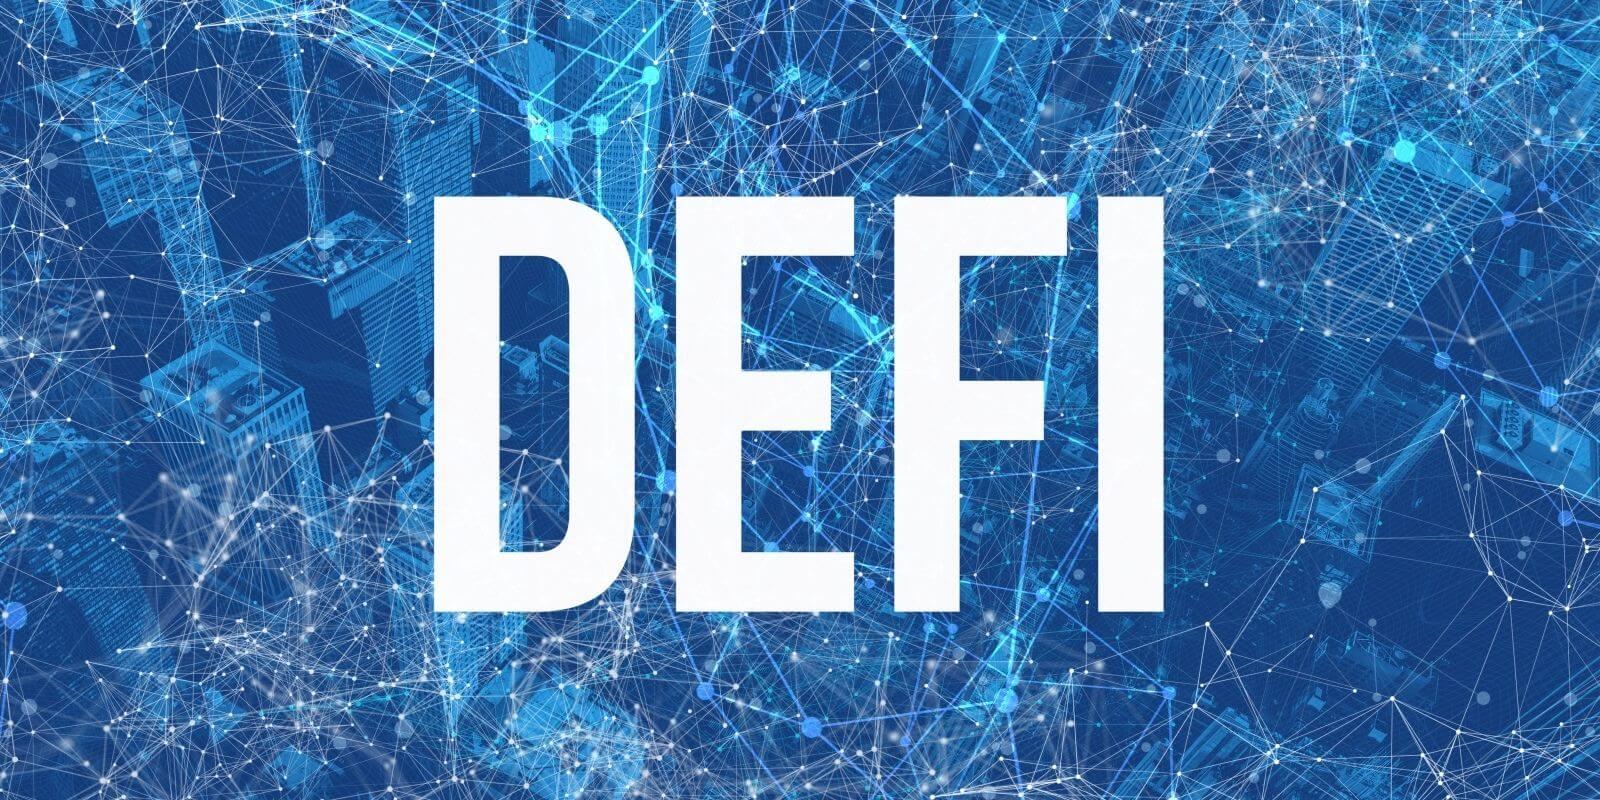 Le market cap de la DeFi a doublé en deux mois